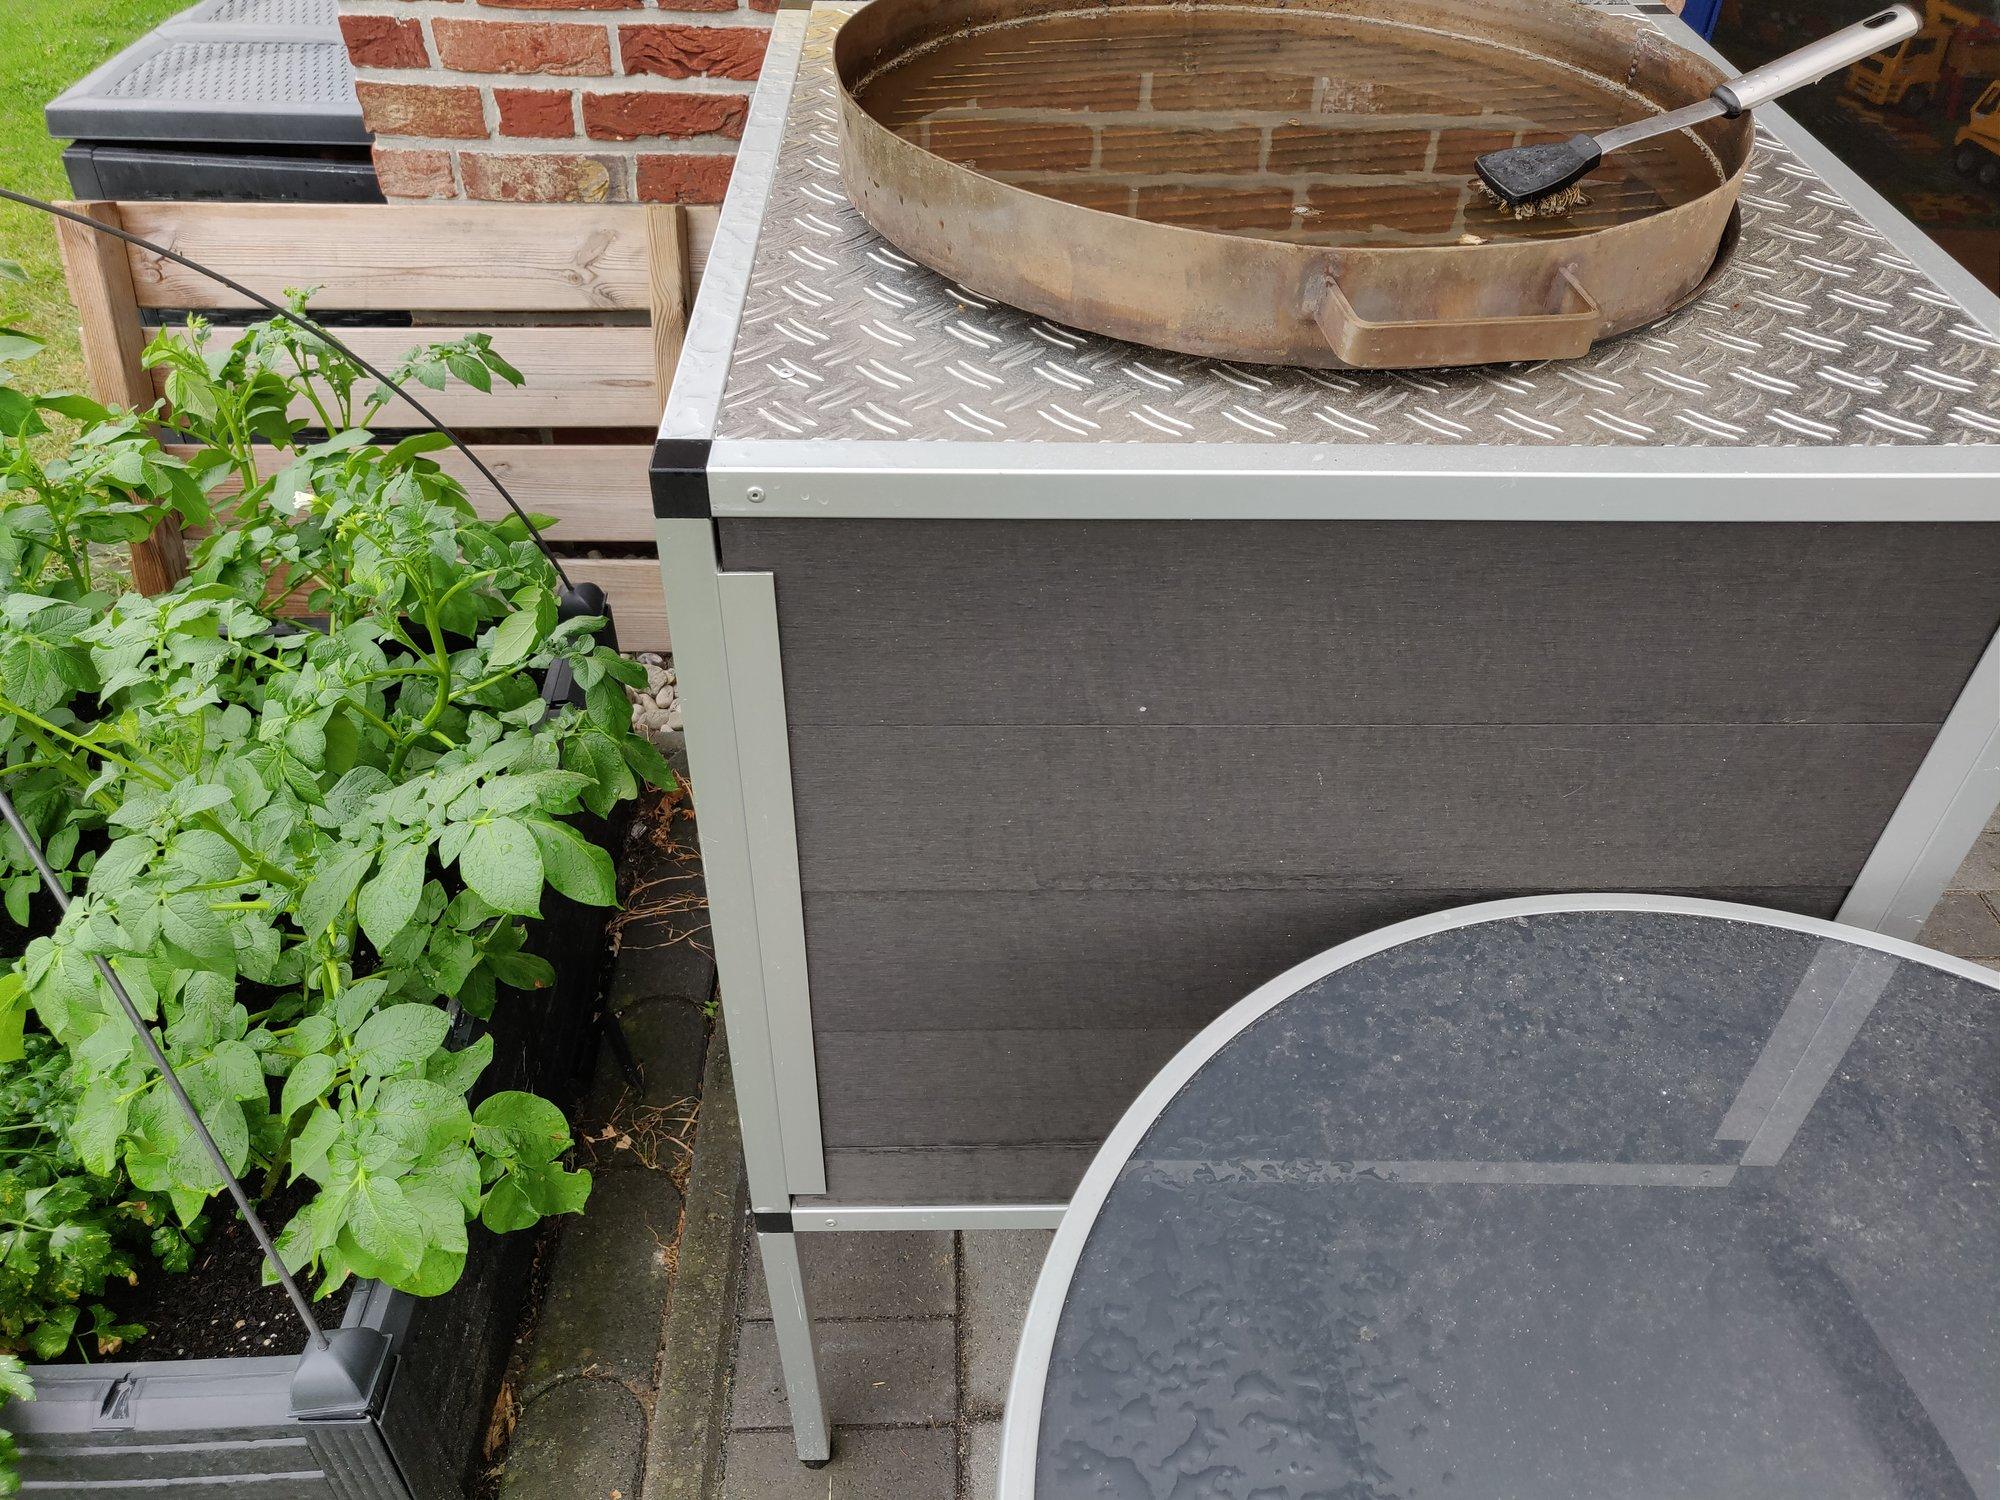 Outdoor Küche Dancook : Outdoor küche von dancook kleine fliegen küche beseitigen ikea